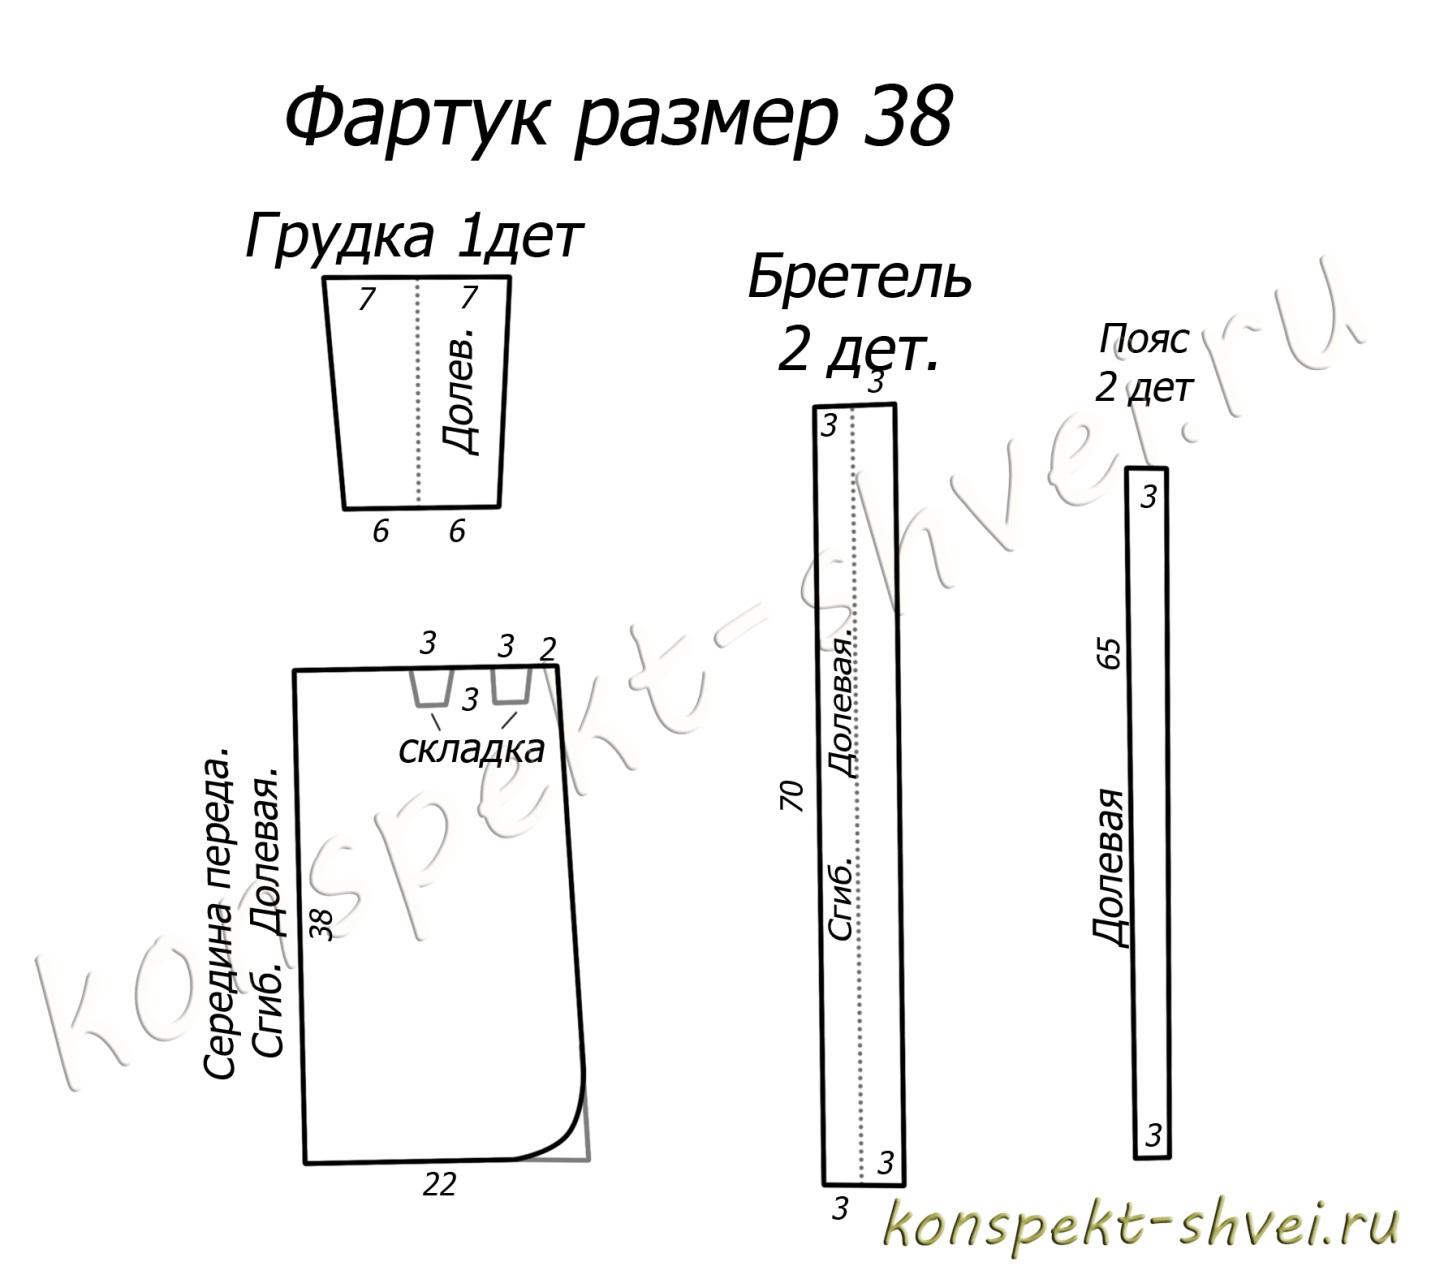 http://konspekt-shvei.ru/wp-content/uploads/2012/03/rty556181.jpg